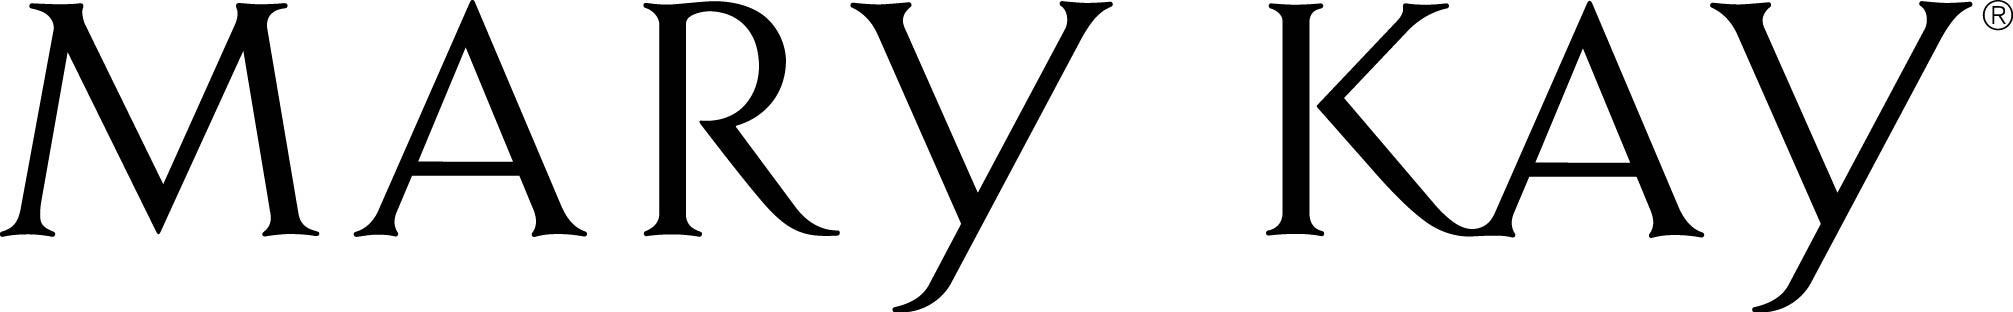 78_pt_Mary_Kay_logo